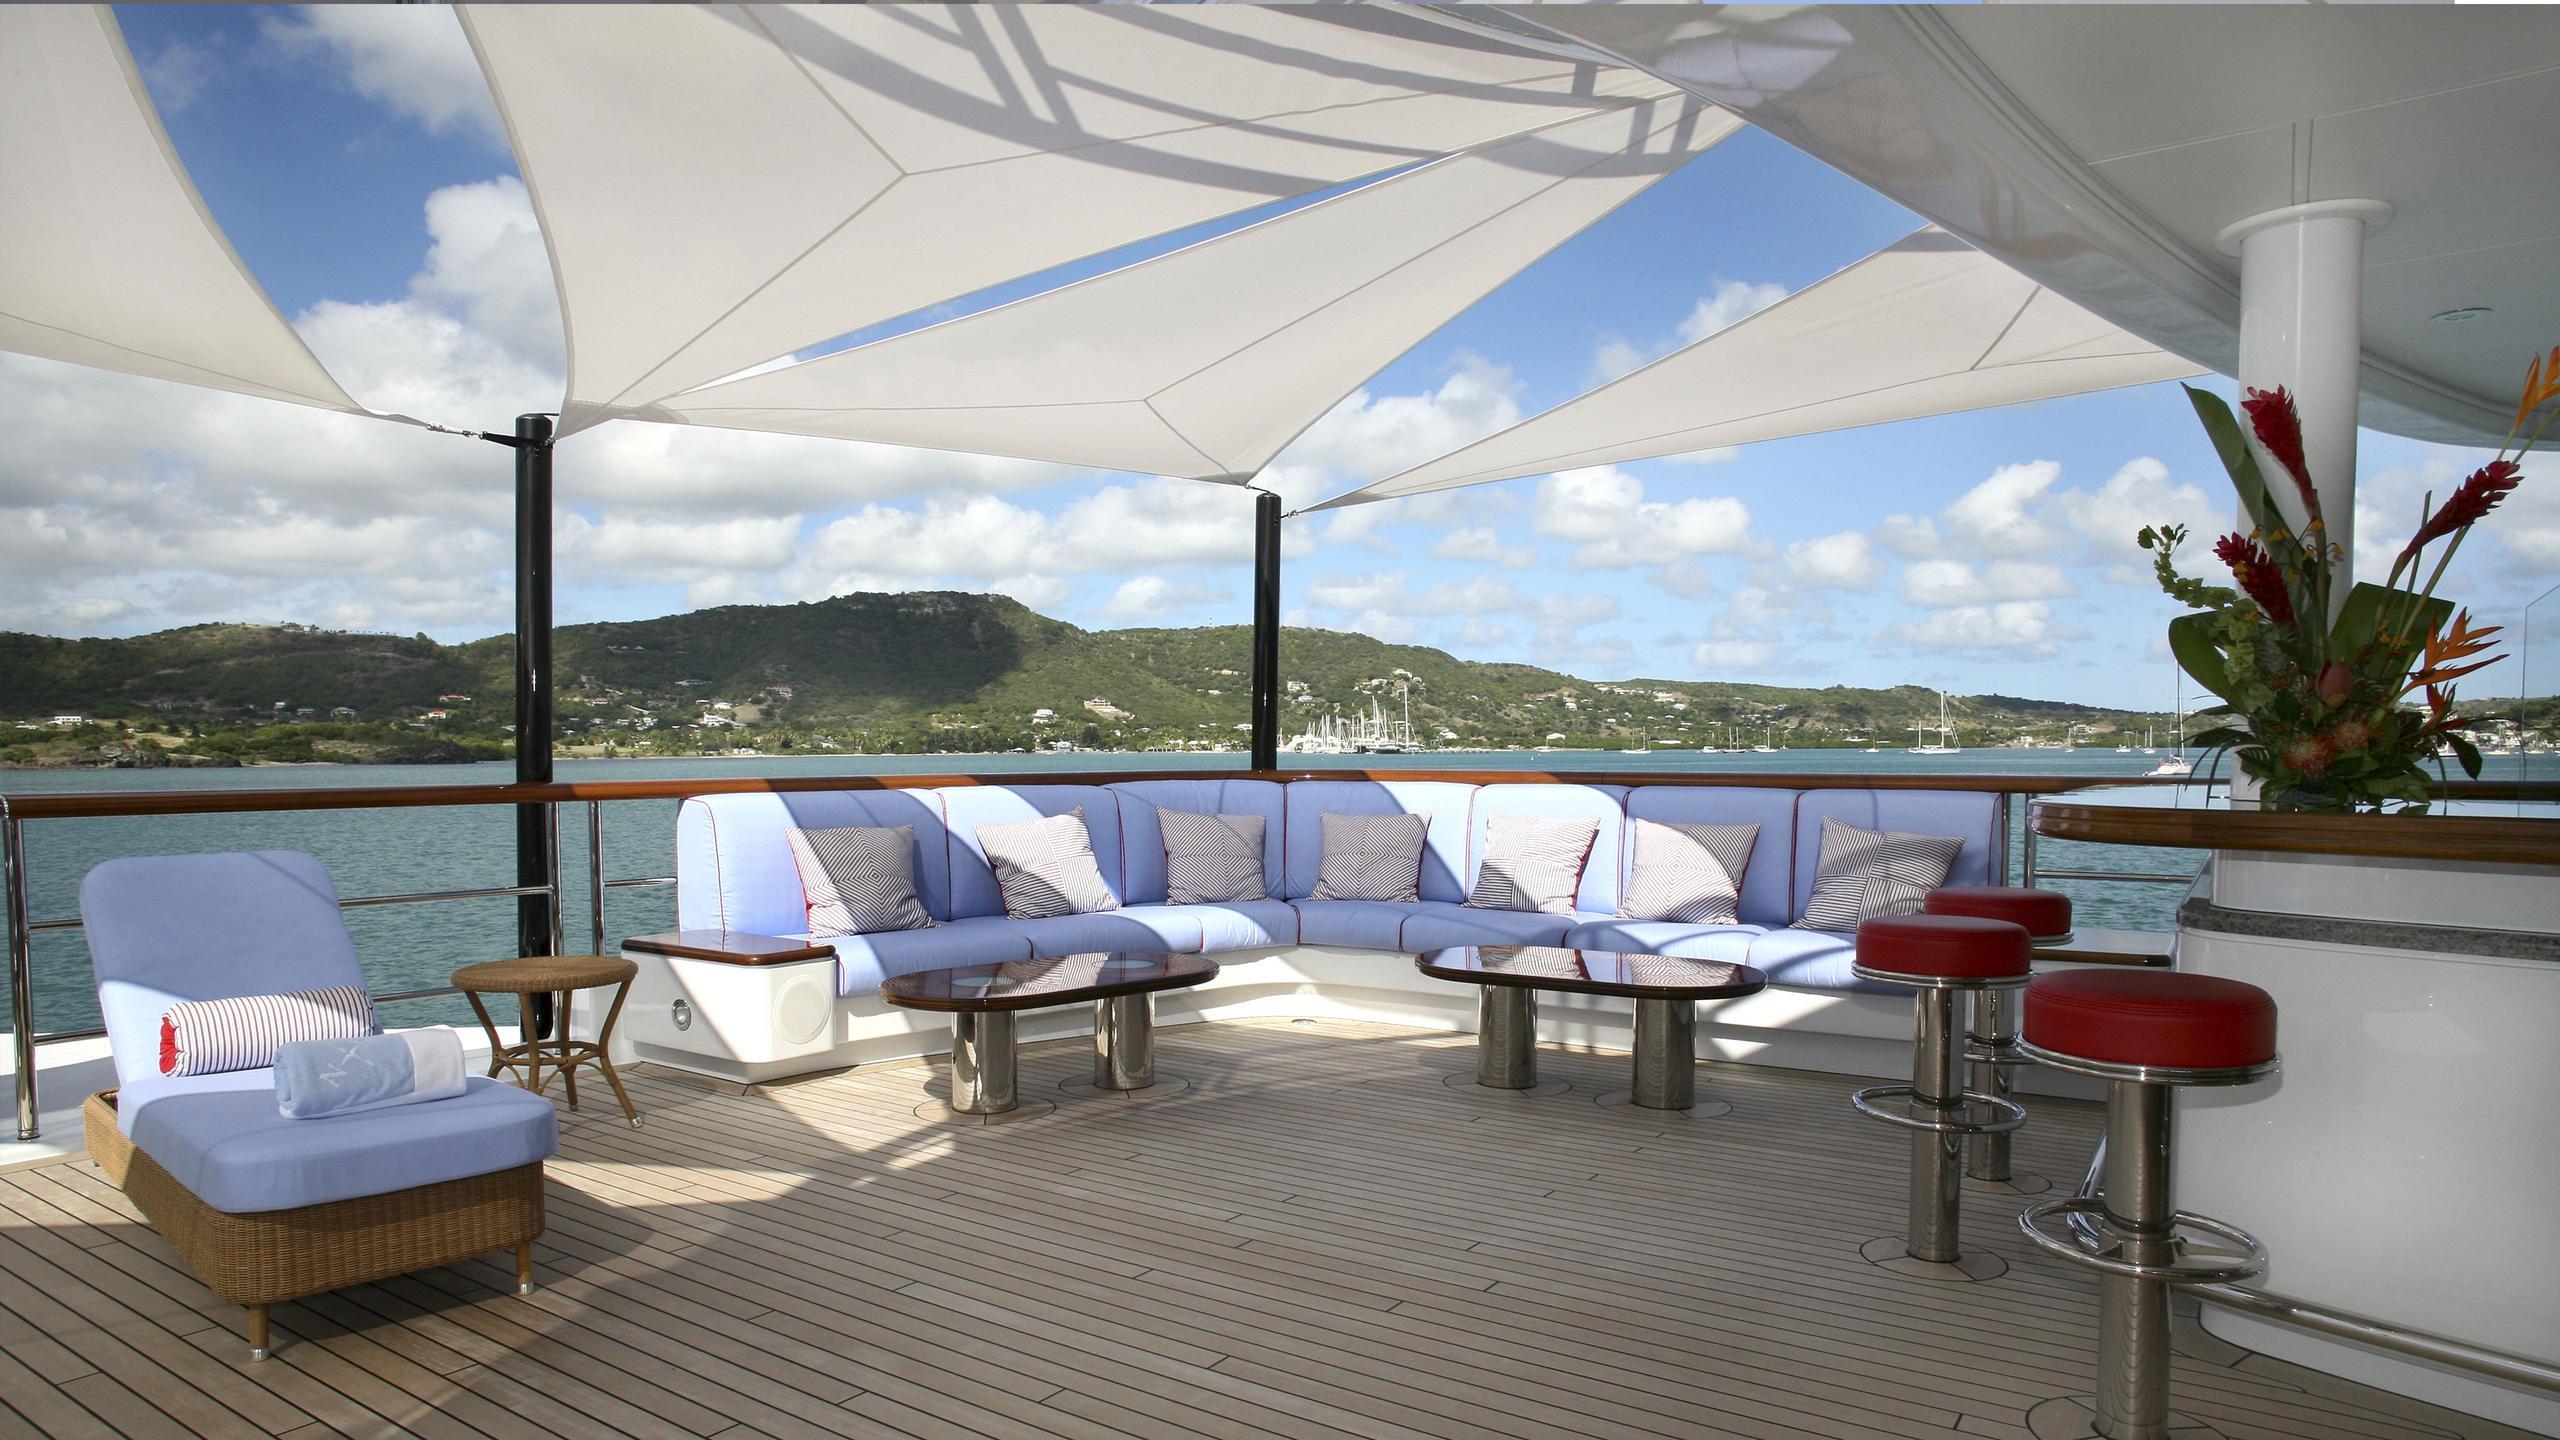 northern-star-yacht-aft-deck